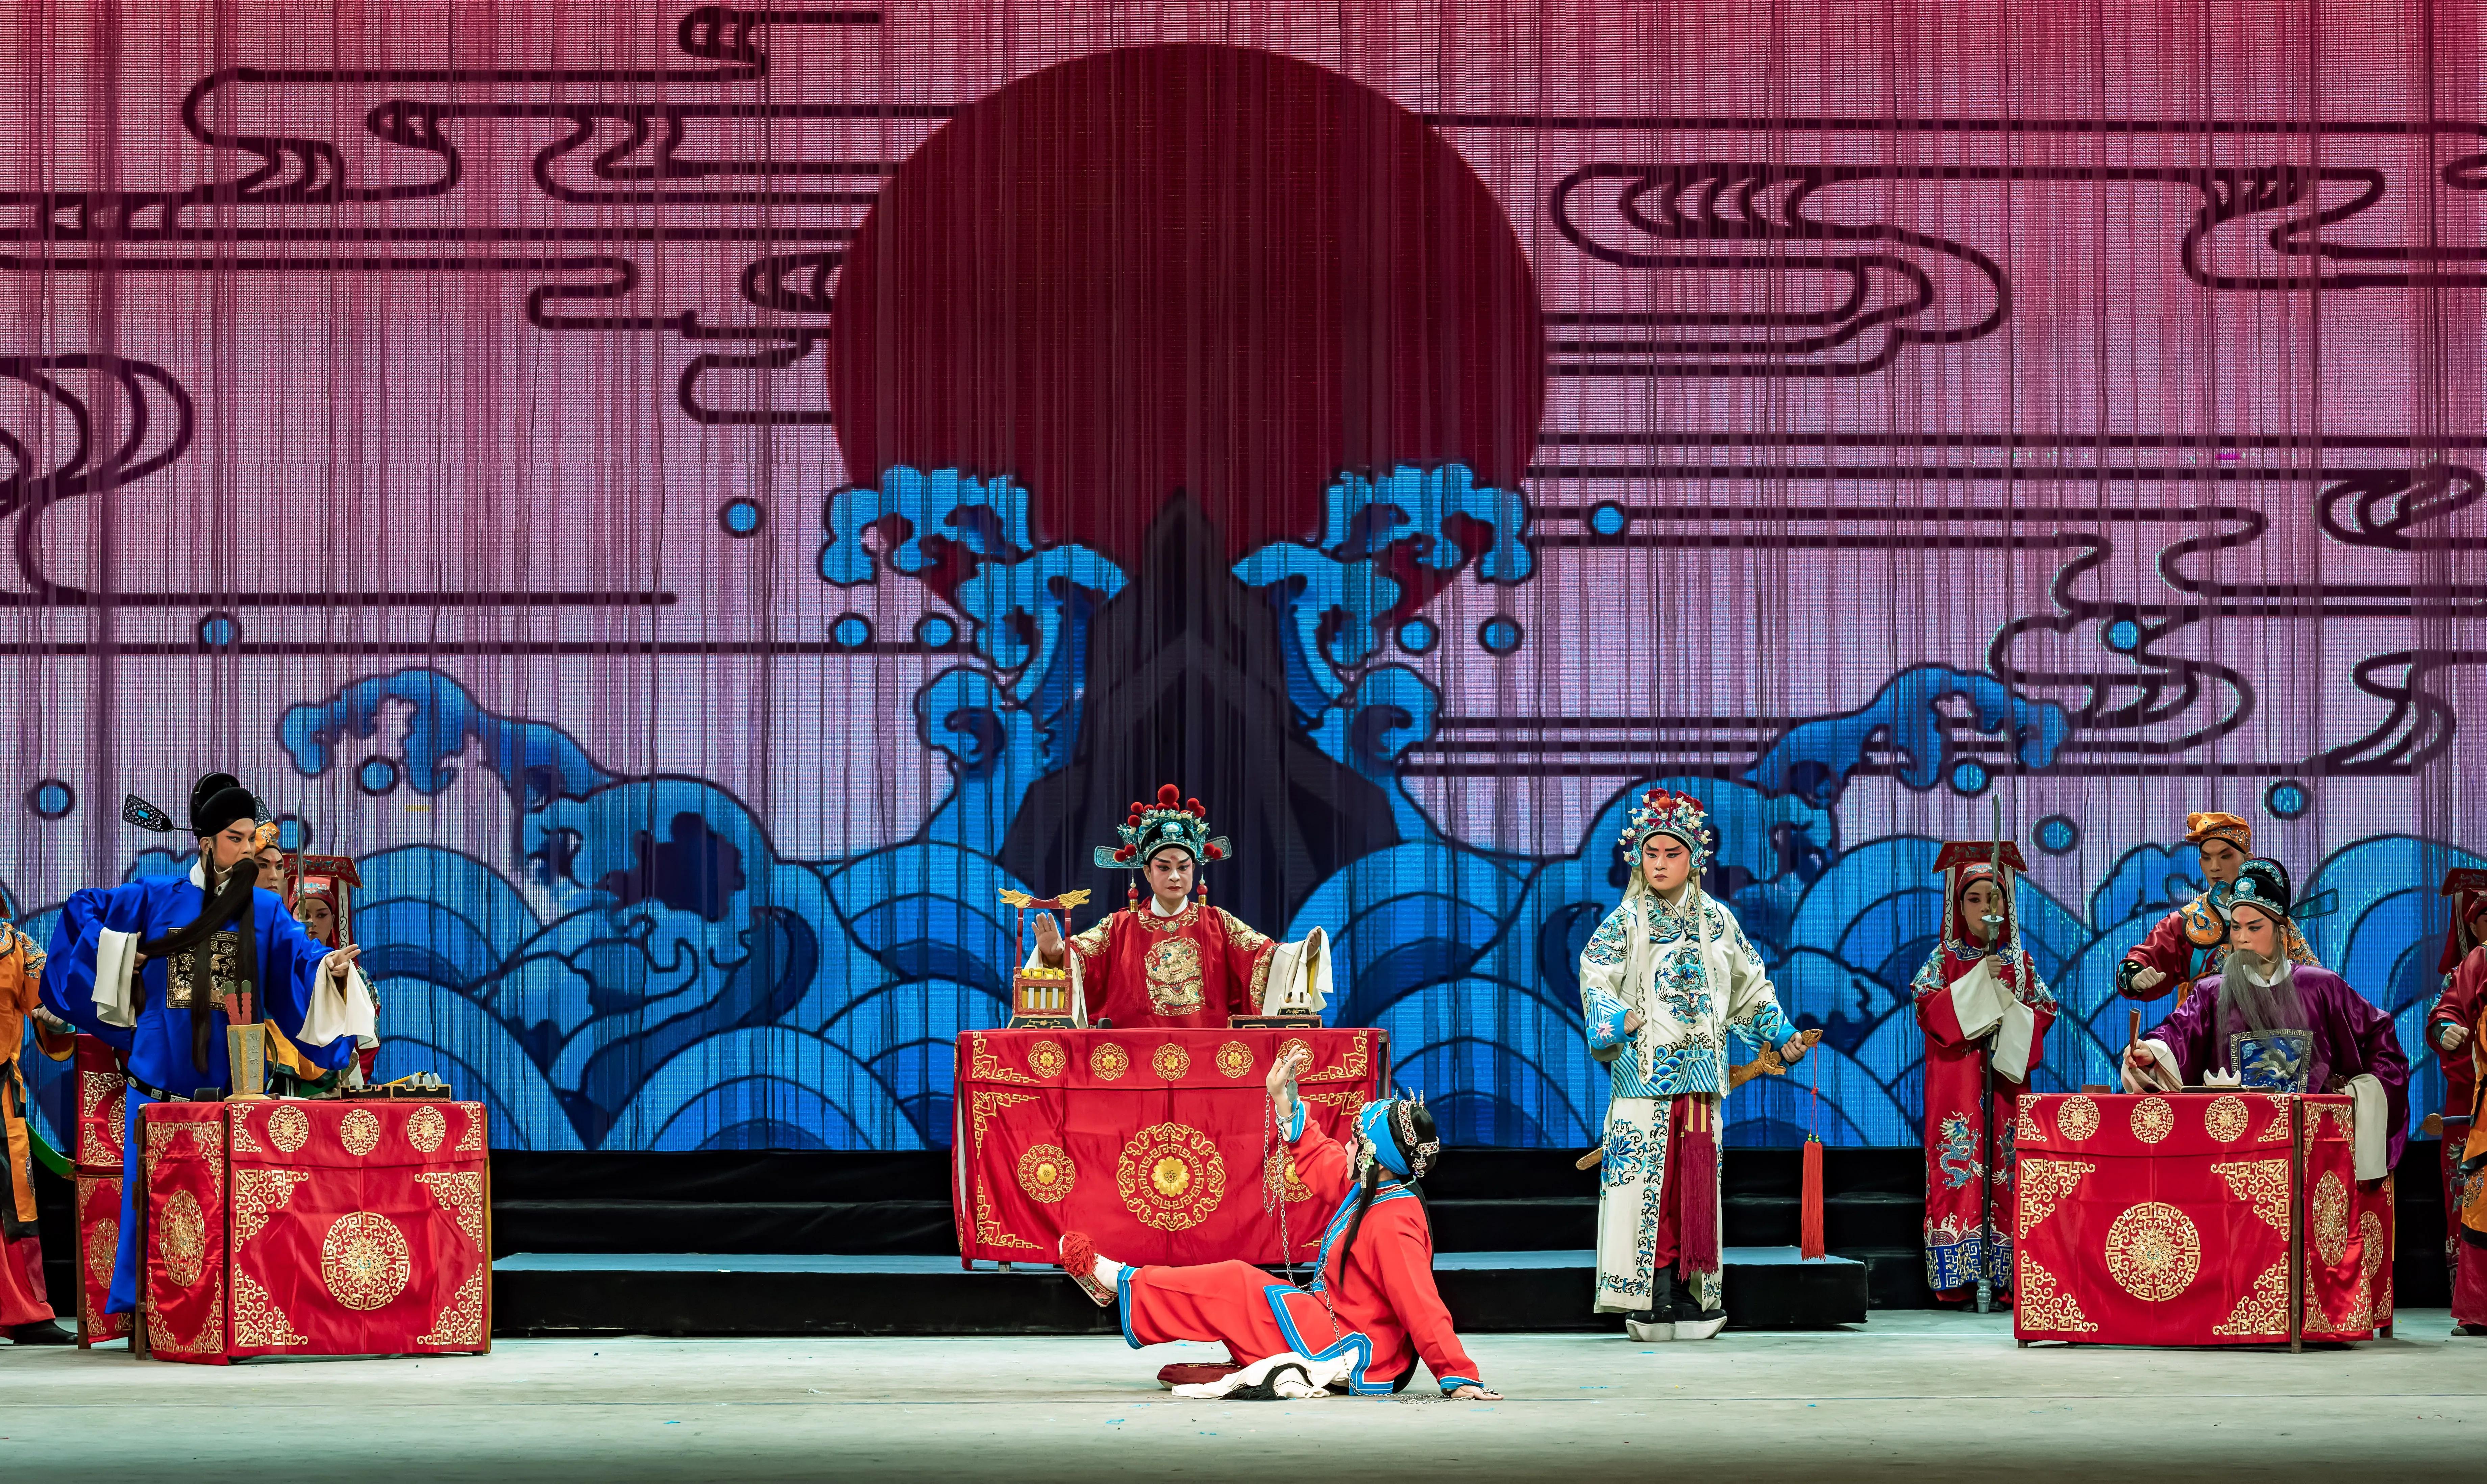 正月里来过新年欢欢嘻嘻看大戏百年三意社新春好戏连台《玉堂春》